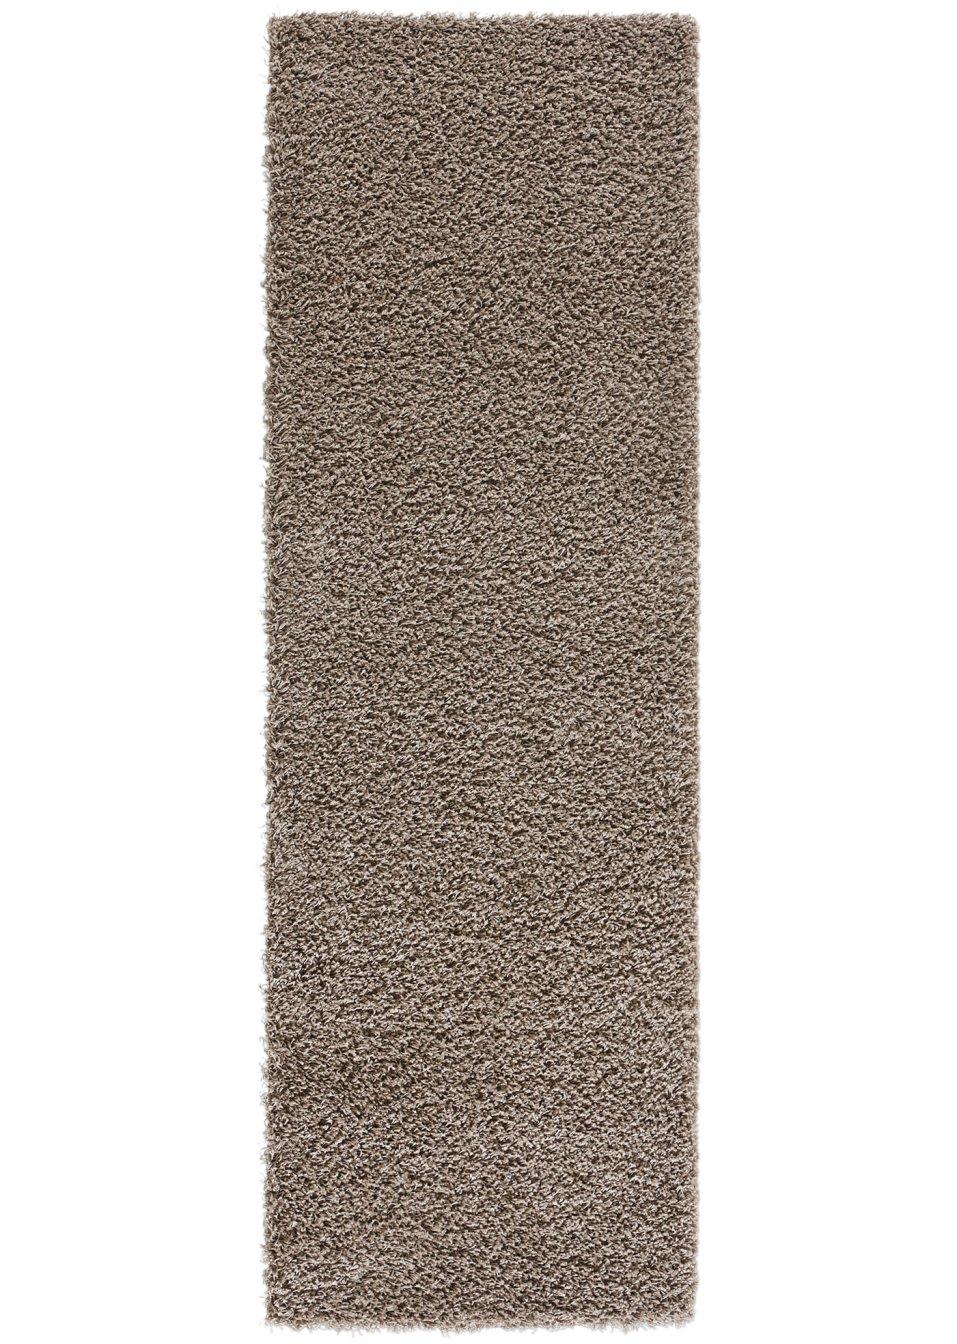 Läufer teppich  Teppiche | Entdecken Deinen neuen Teppich | bonprix